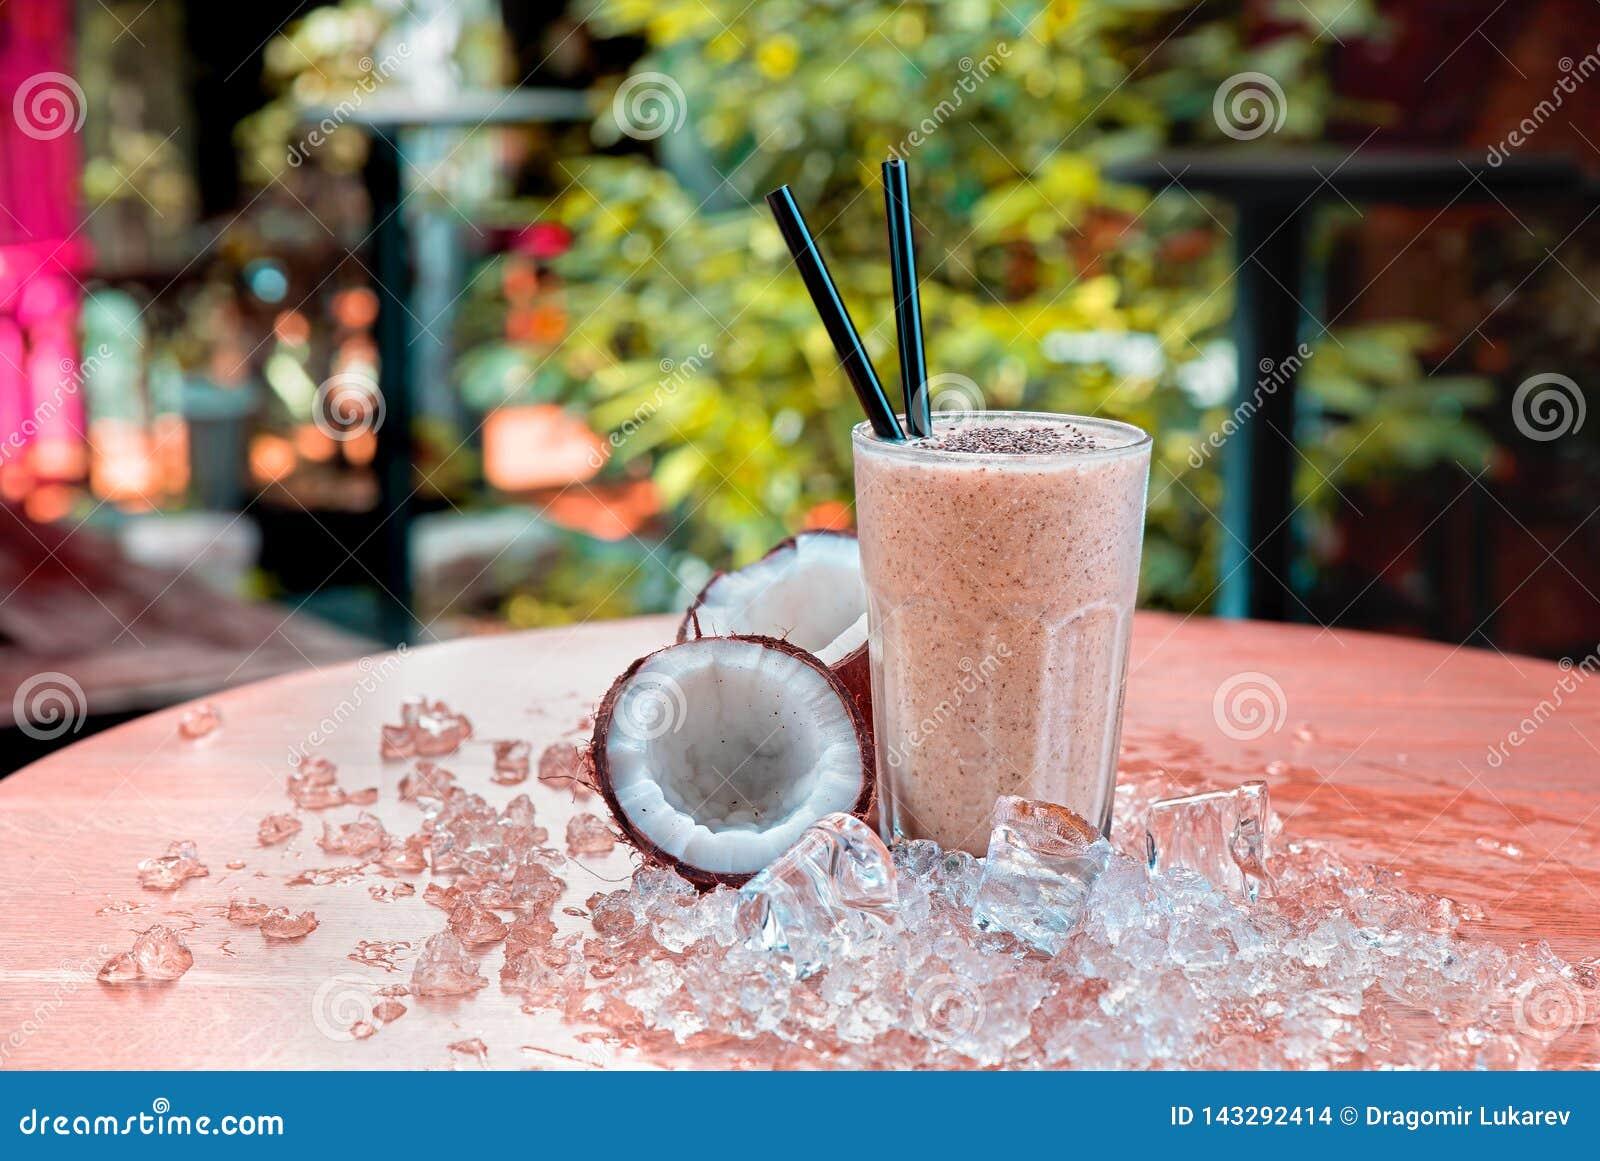 Secousse de chocolat faite maison avec des graines de noix de coco et de chia